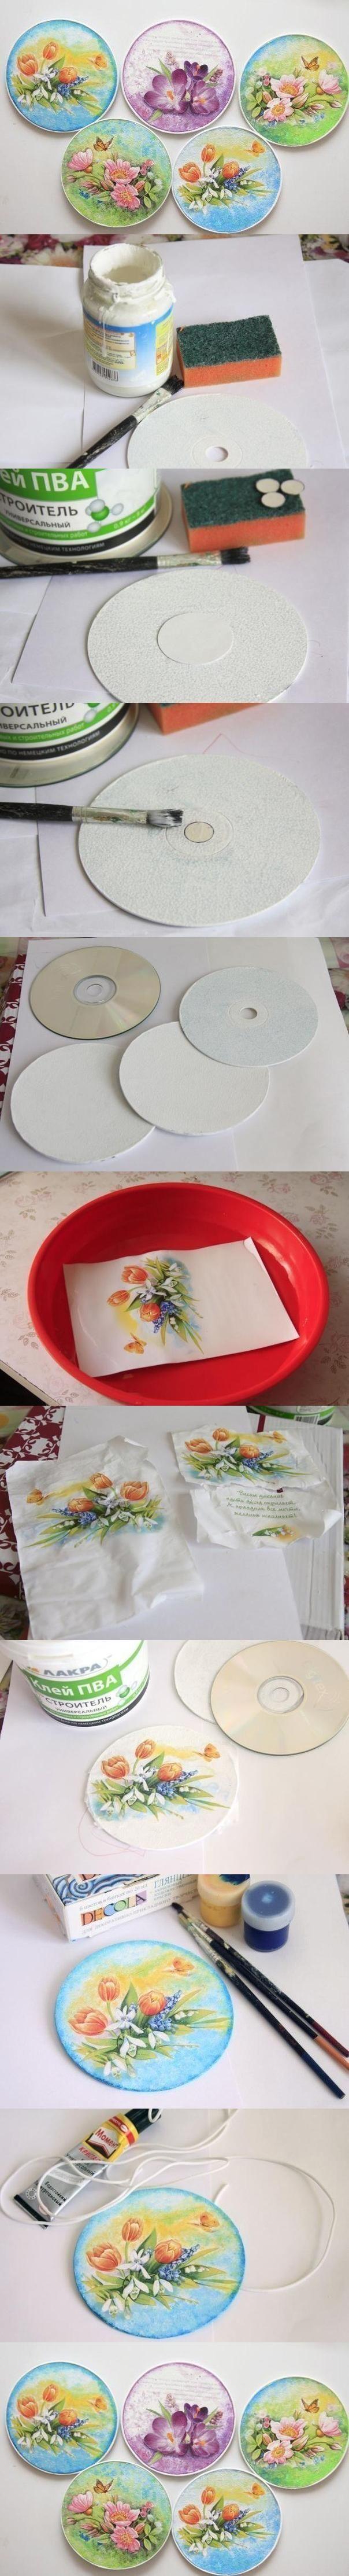 DIY Nice Old CD Paintings DIY Projects | UsefulDIY.com Follow Us on Facebook ==> http://www.facebook.com/UsefulDiy